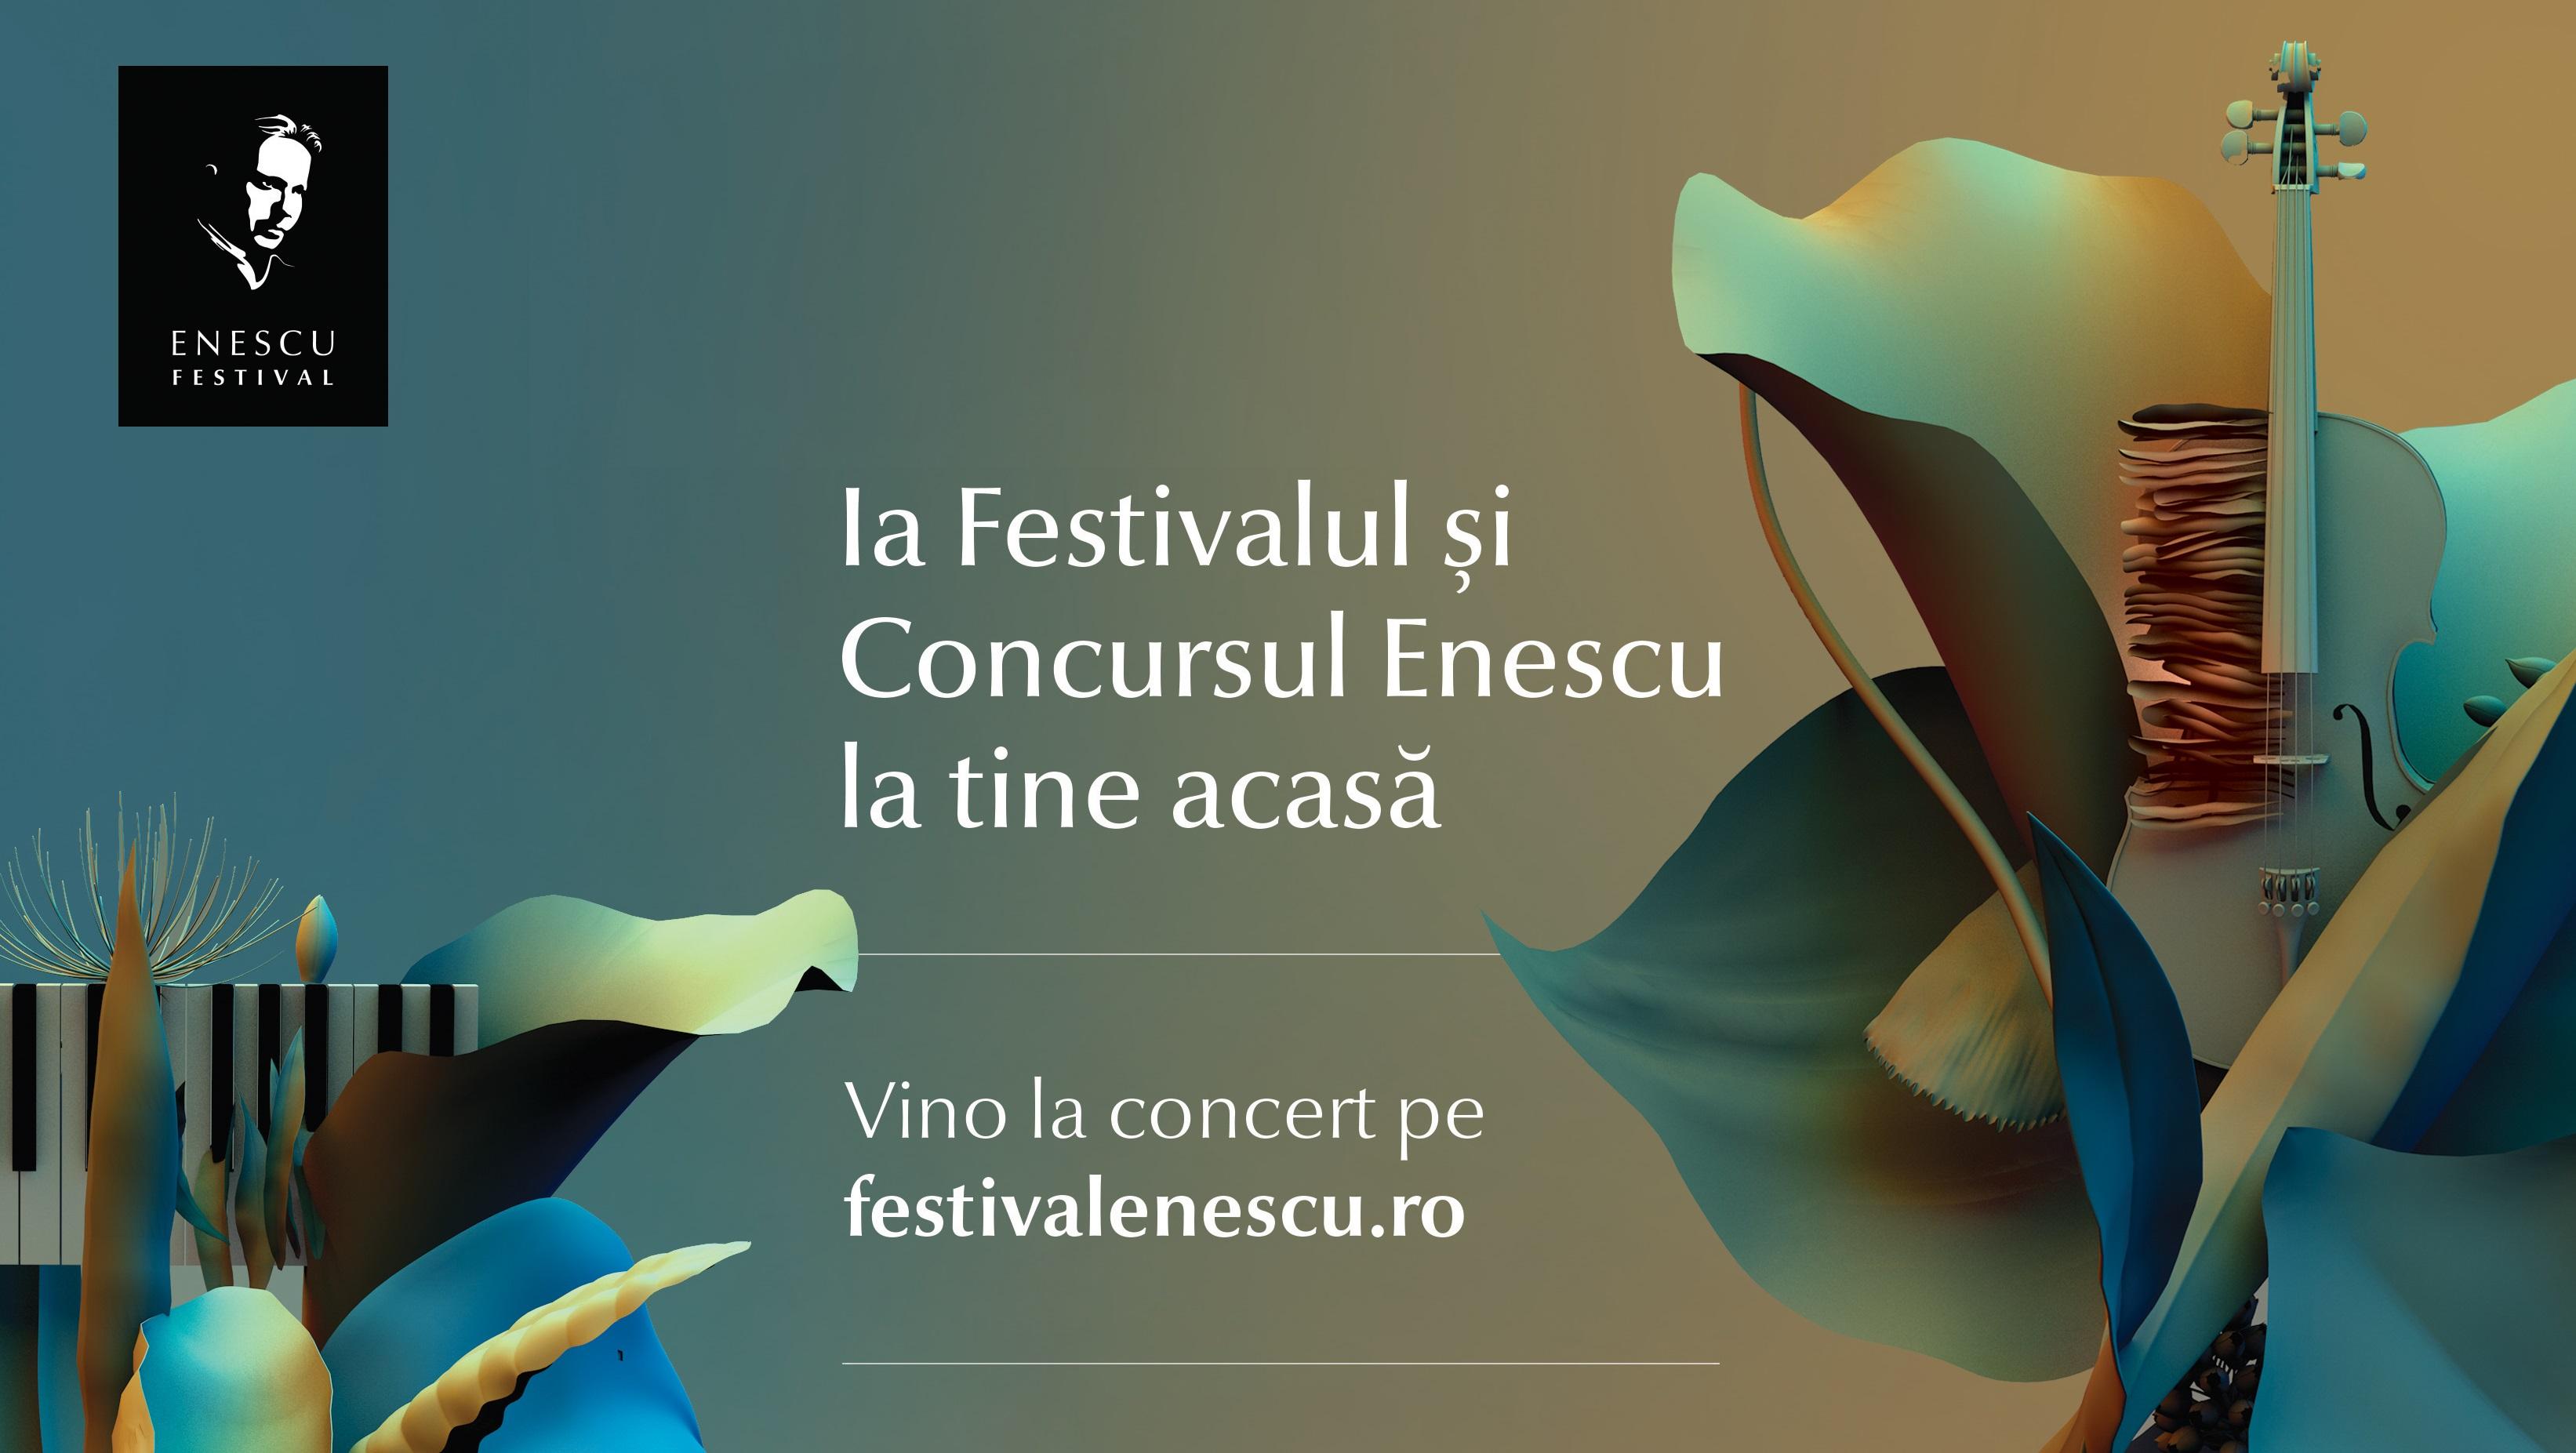 Festivalul Enescu online: concertele lui Enescu oferite gratis lumii întregi, ca sprijin în lupta împotriva COVID-19